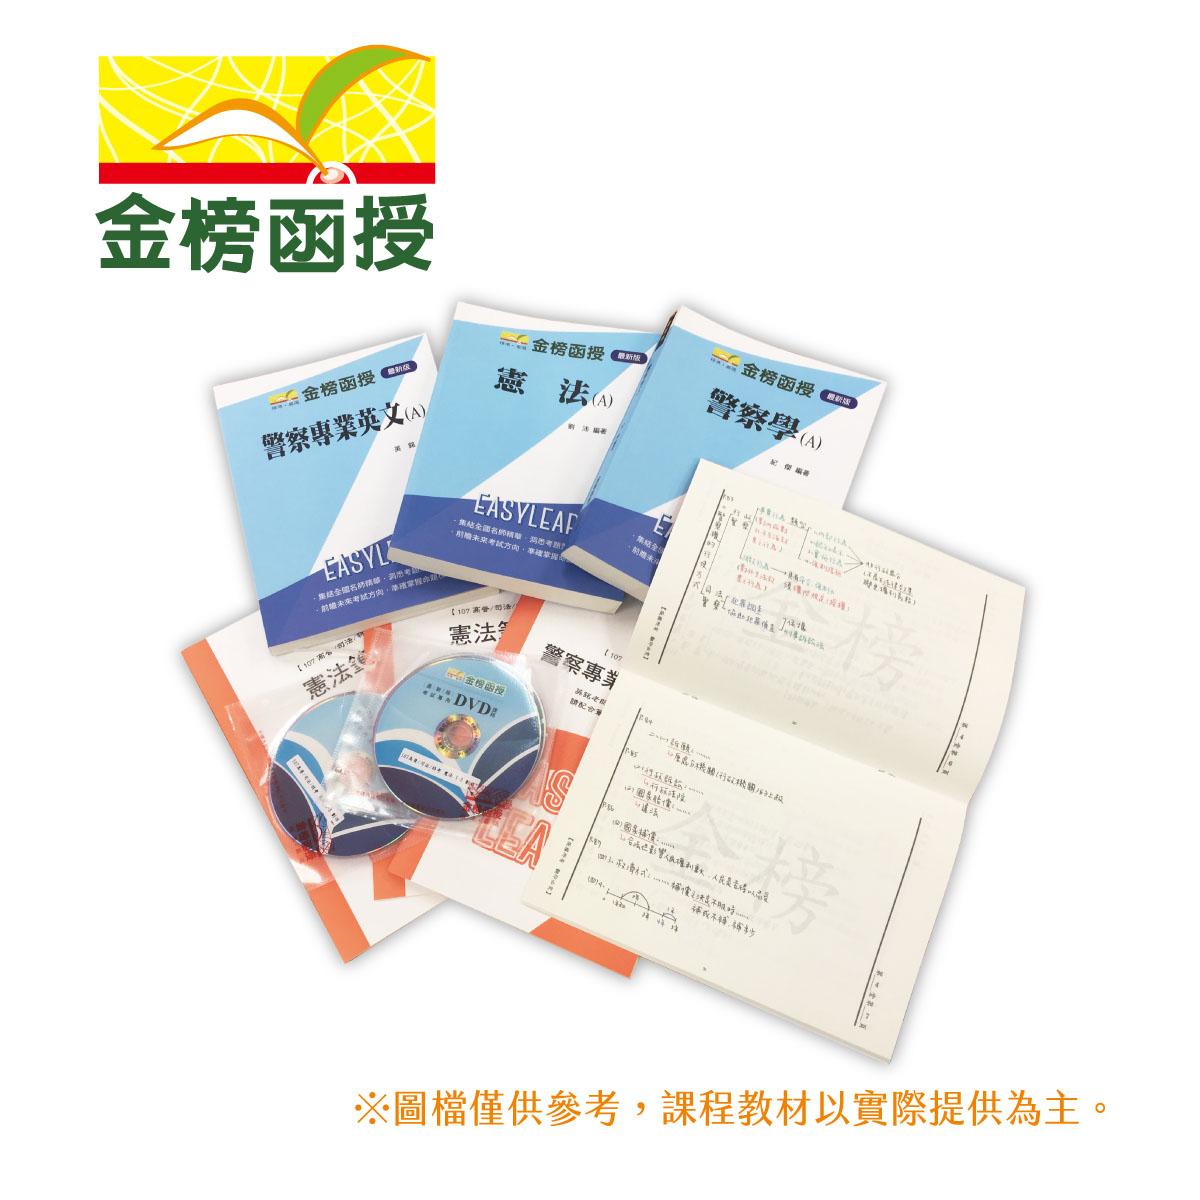 107金榜函授/地方特考/四等/全套/劳工行政/云端/专业科目